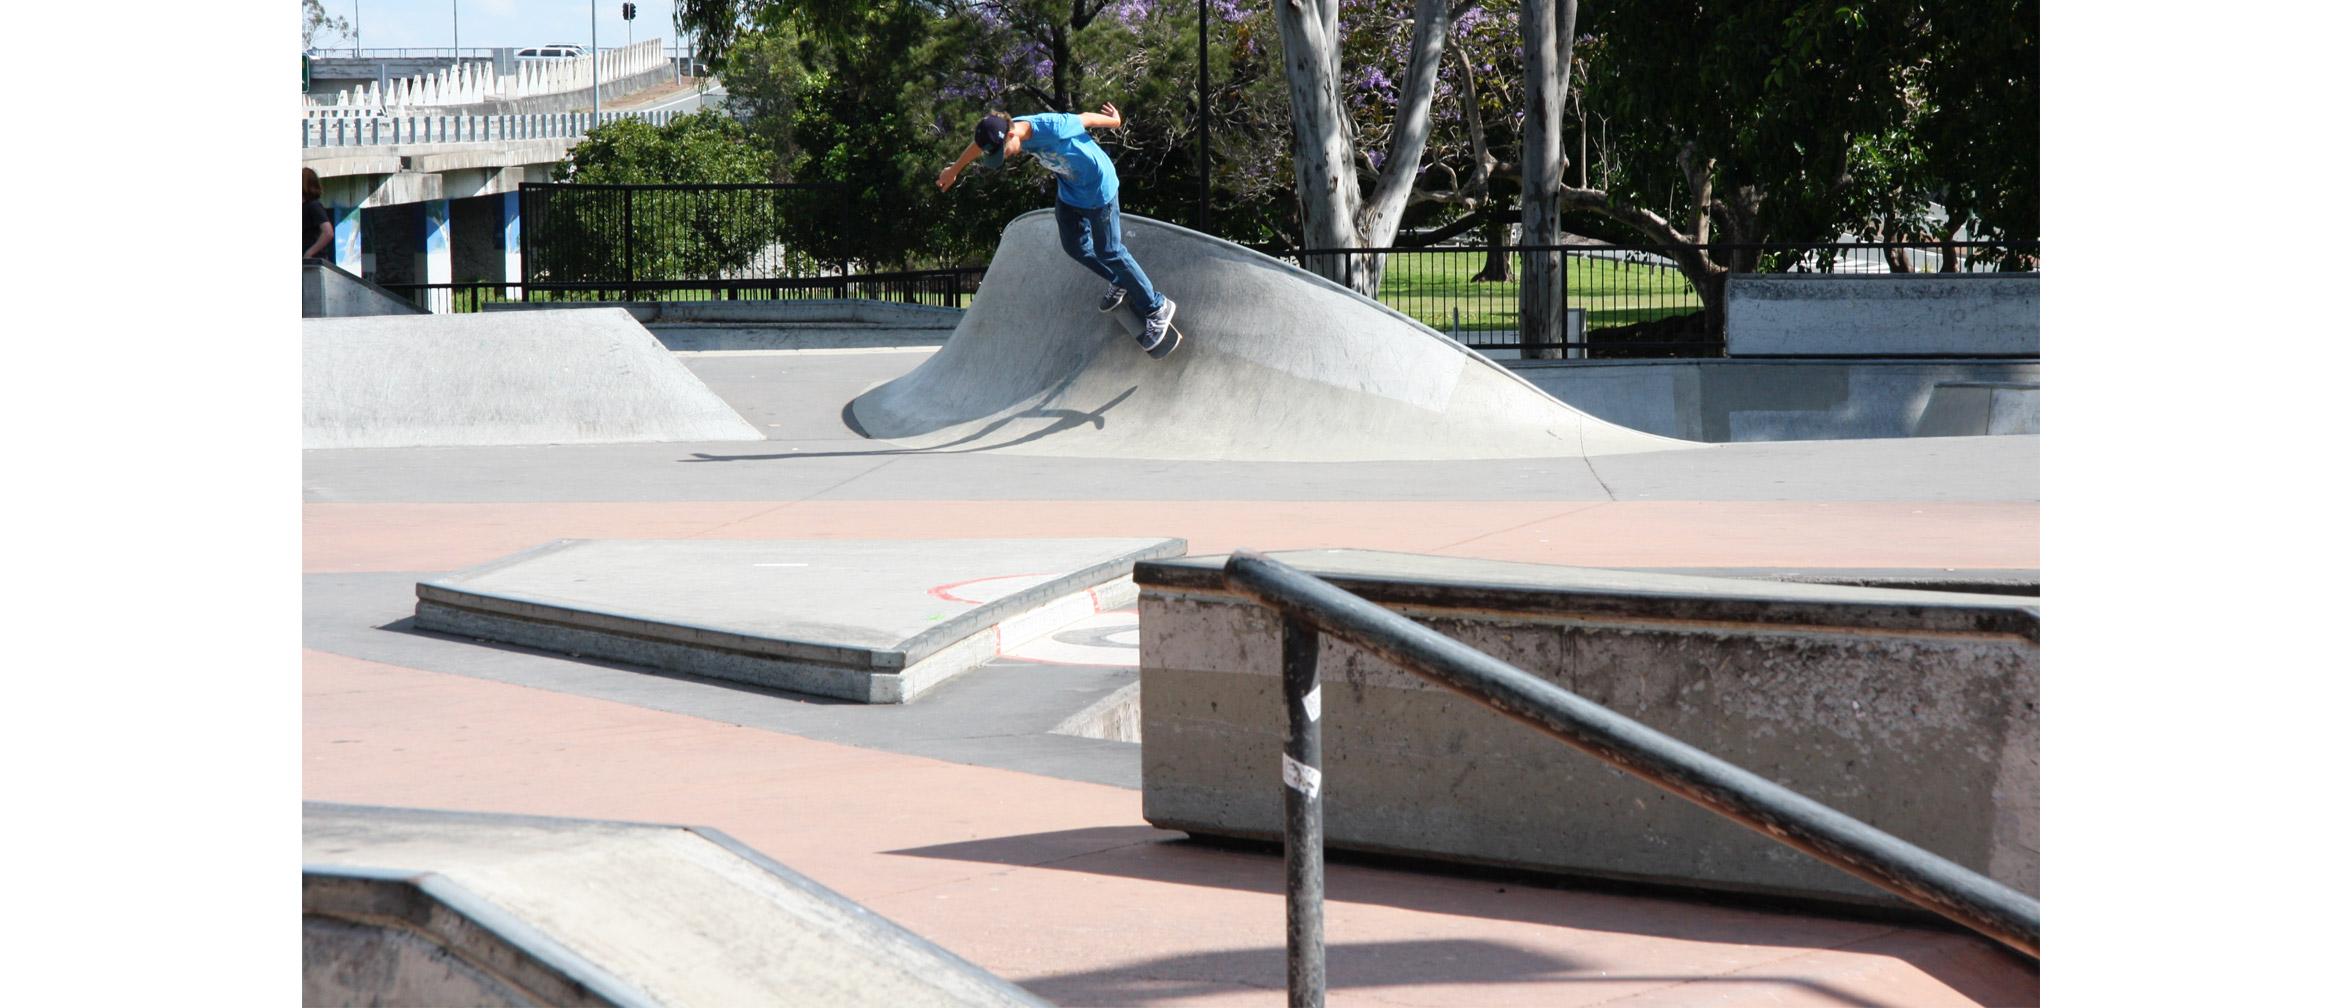 Nerang skate park street section